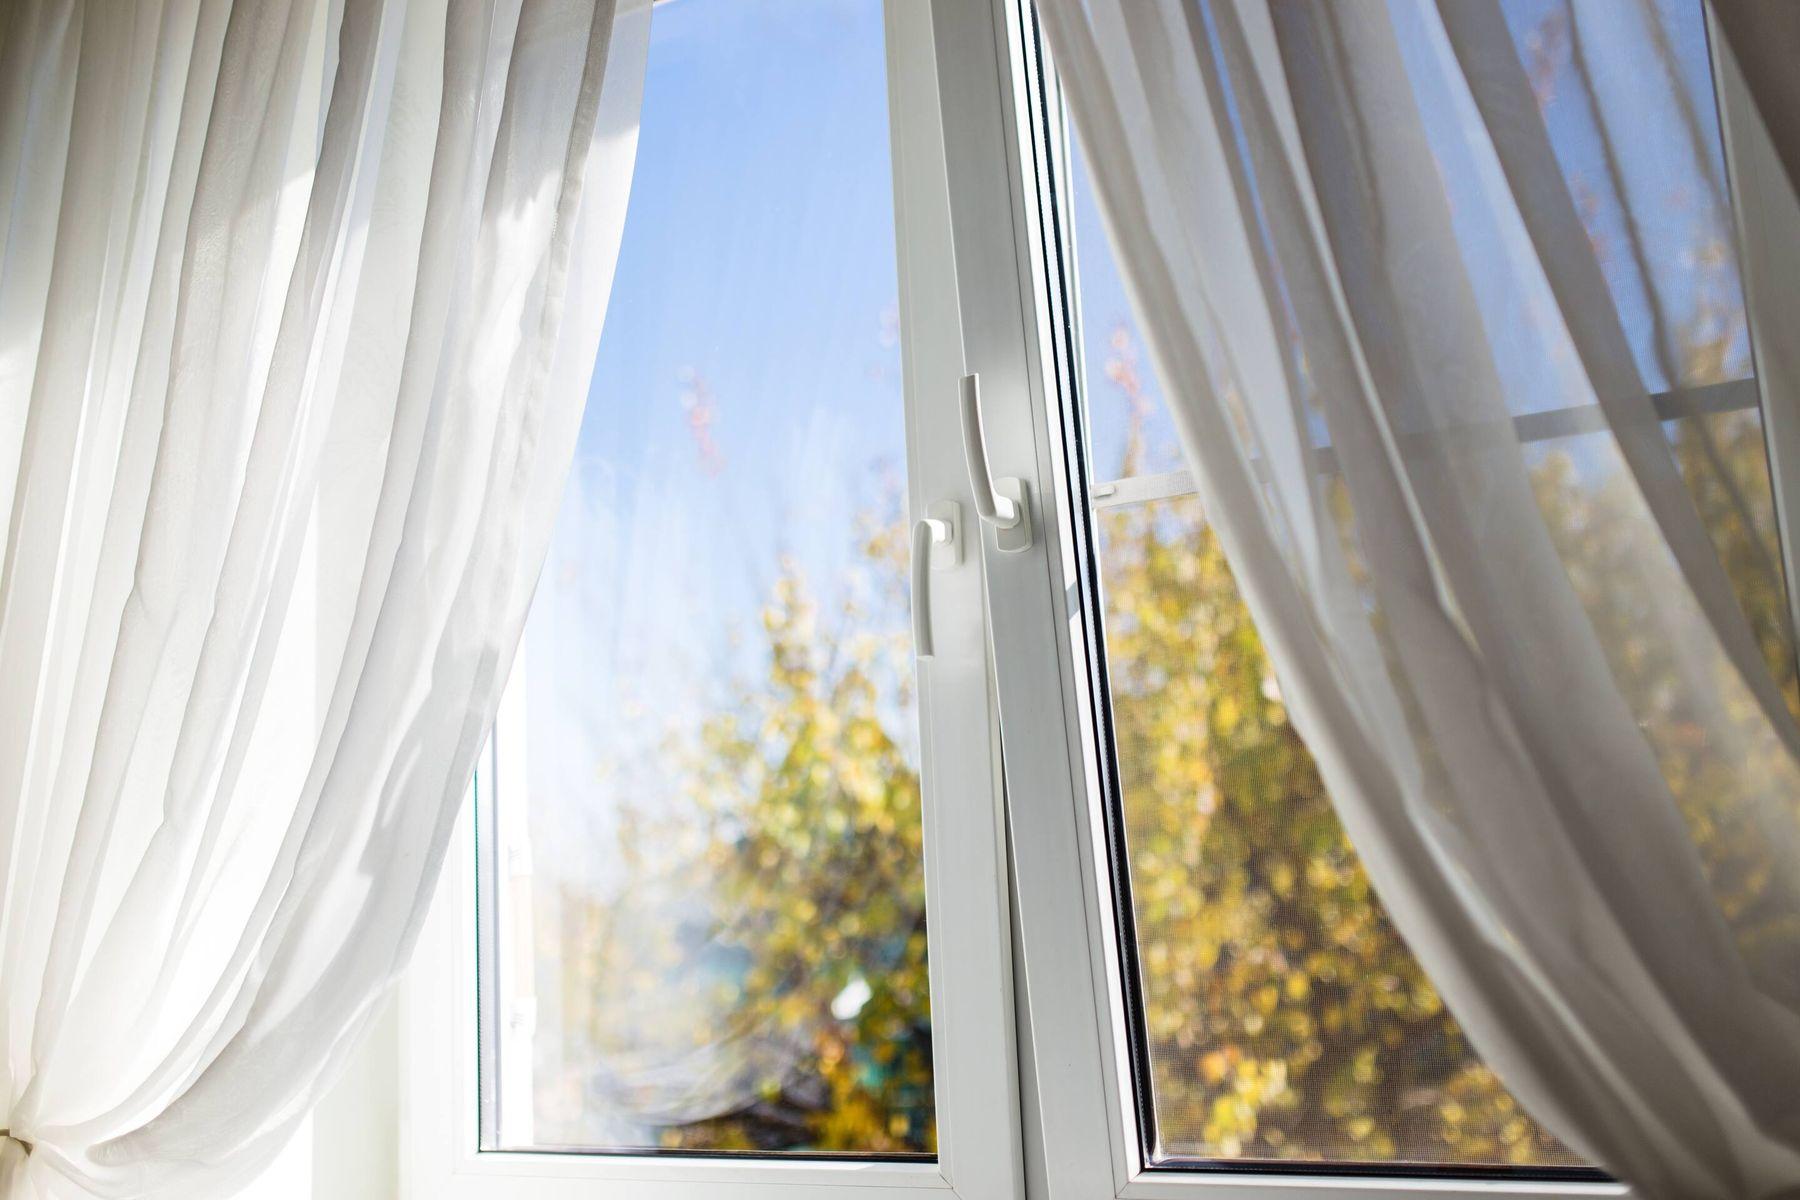 Fenster des Hauses mit hellen weißen Vorhängen